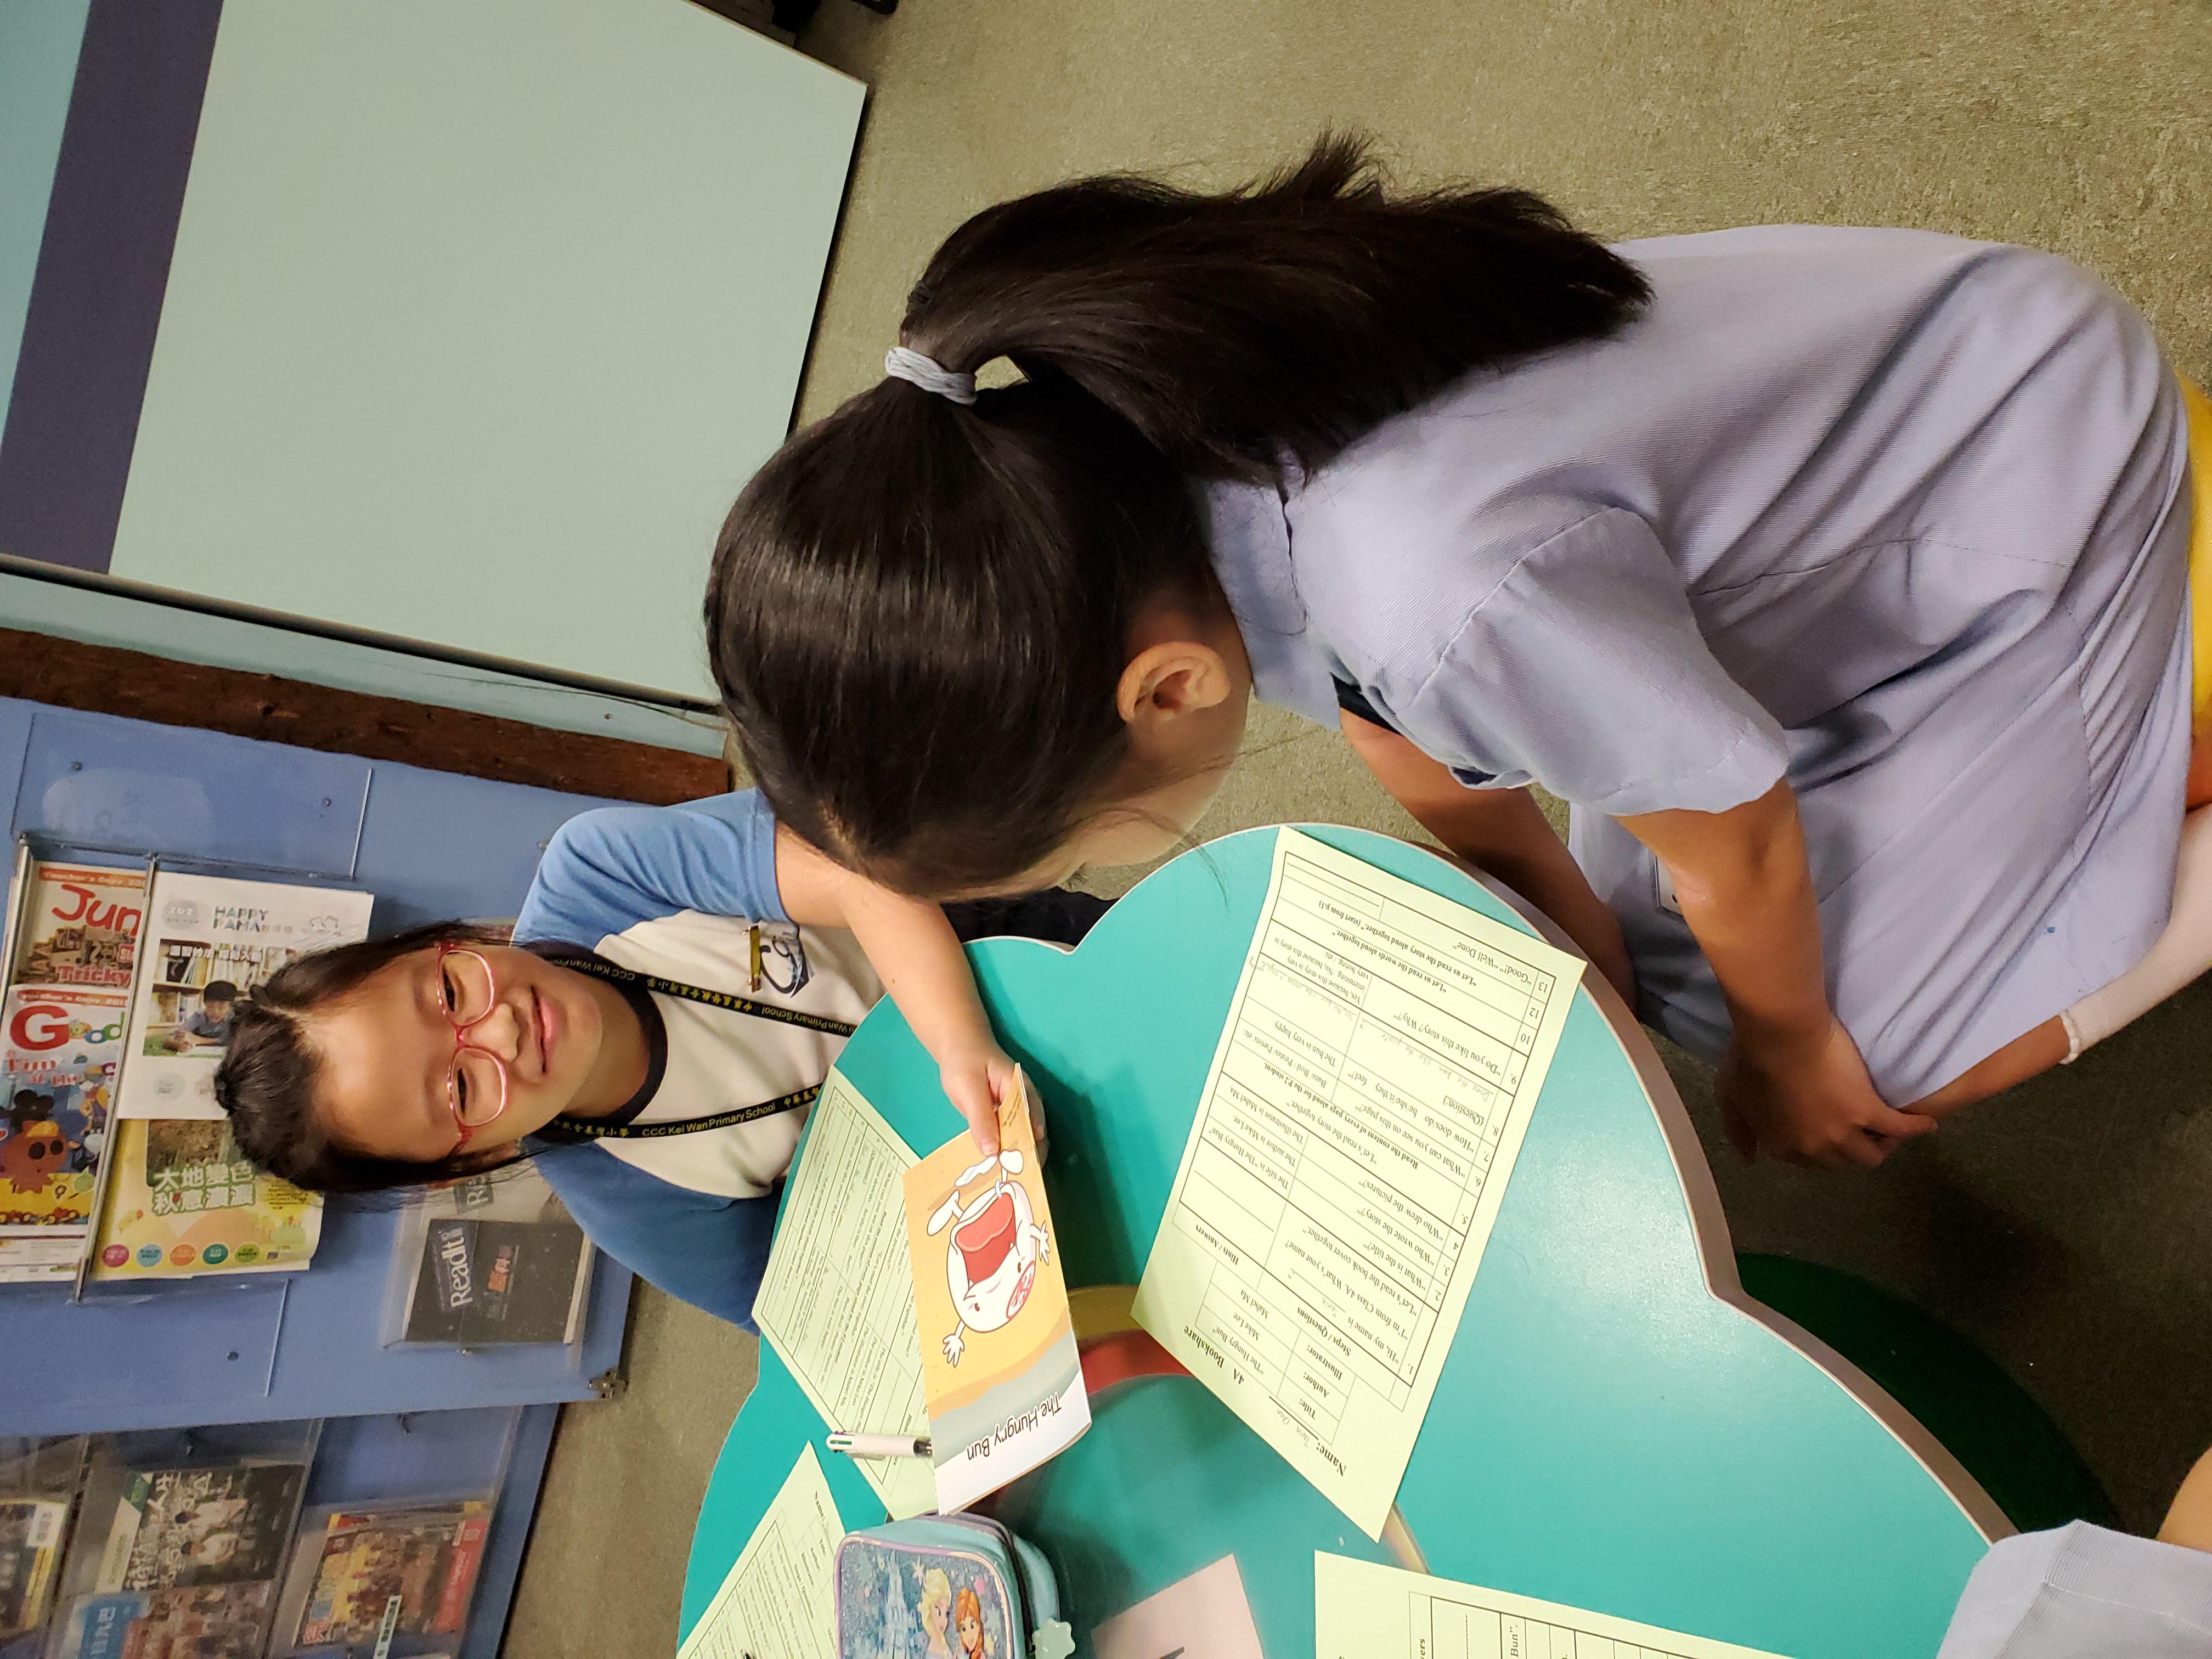 http://www.keiwan.edu.hk/sites/default/files/20191011_100754.jpg